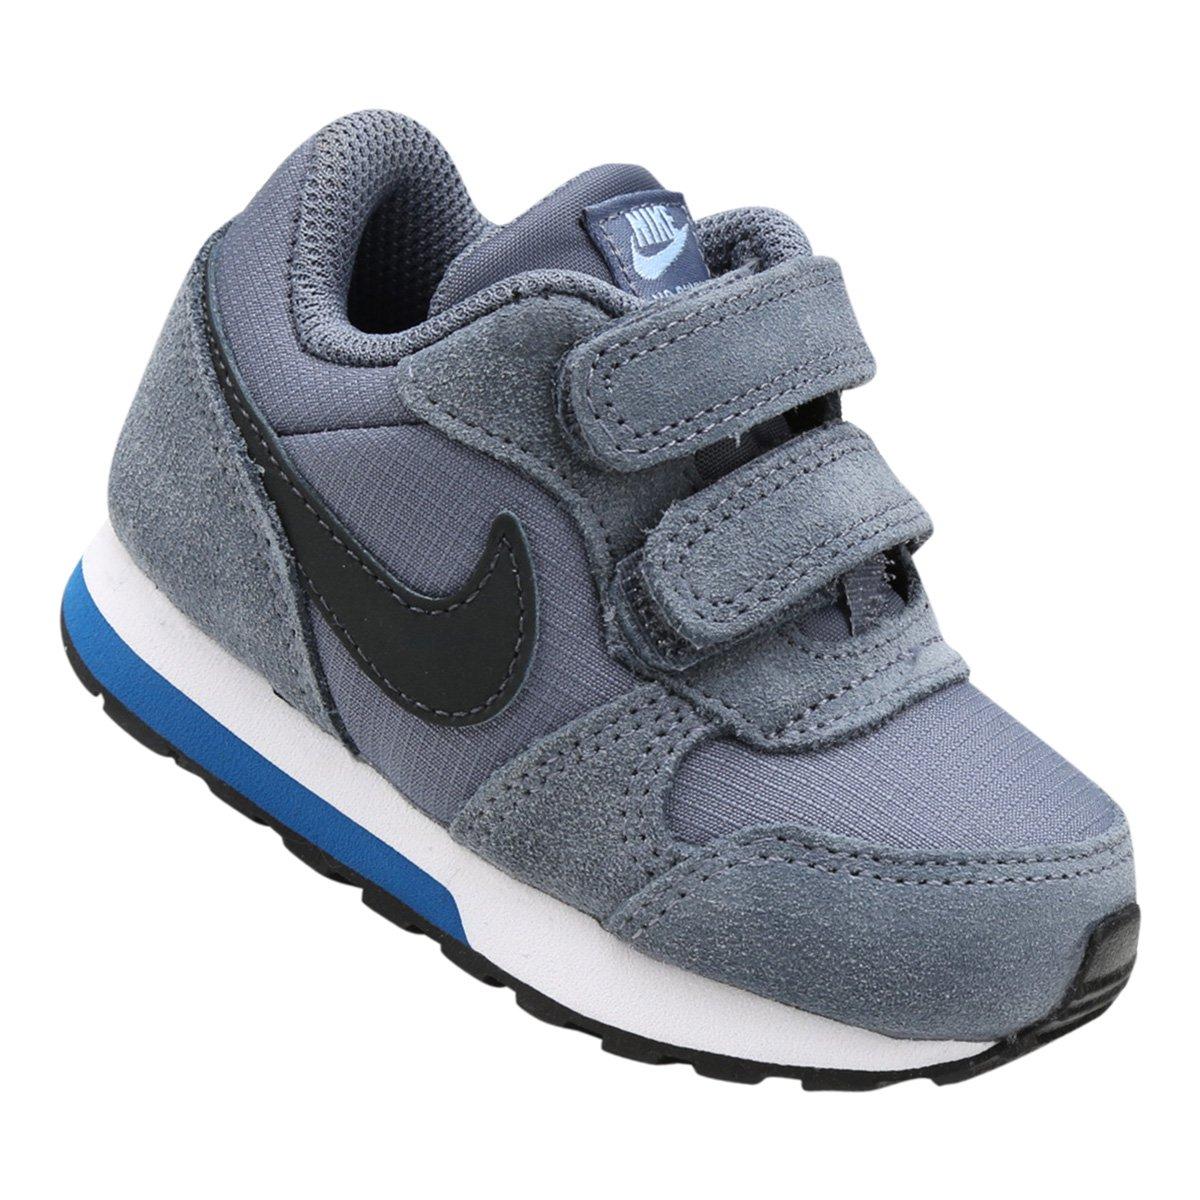 Tênis Infantil Nike Mid Runner 2 - Azul Claro e Preto - Compre Agora ... 52dfff3e11102